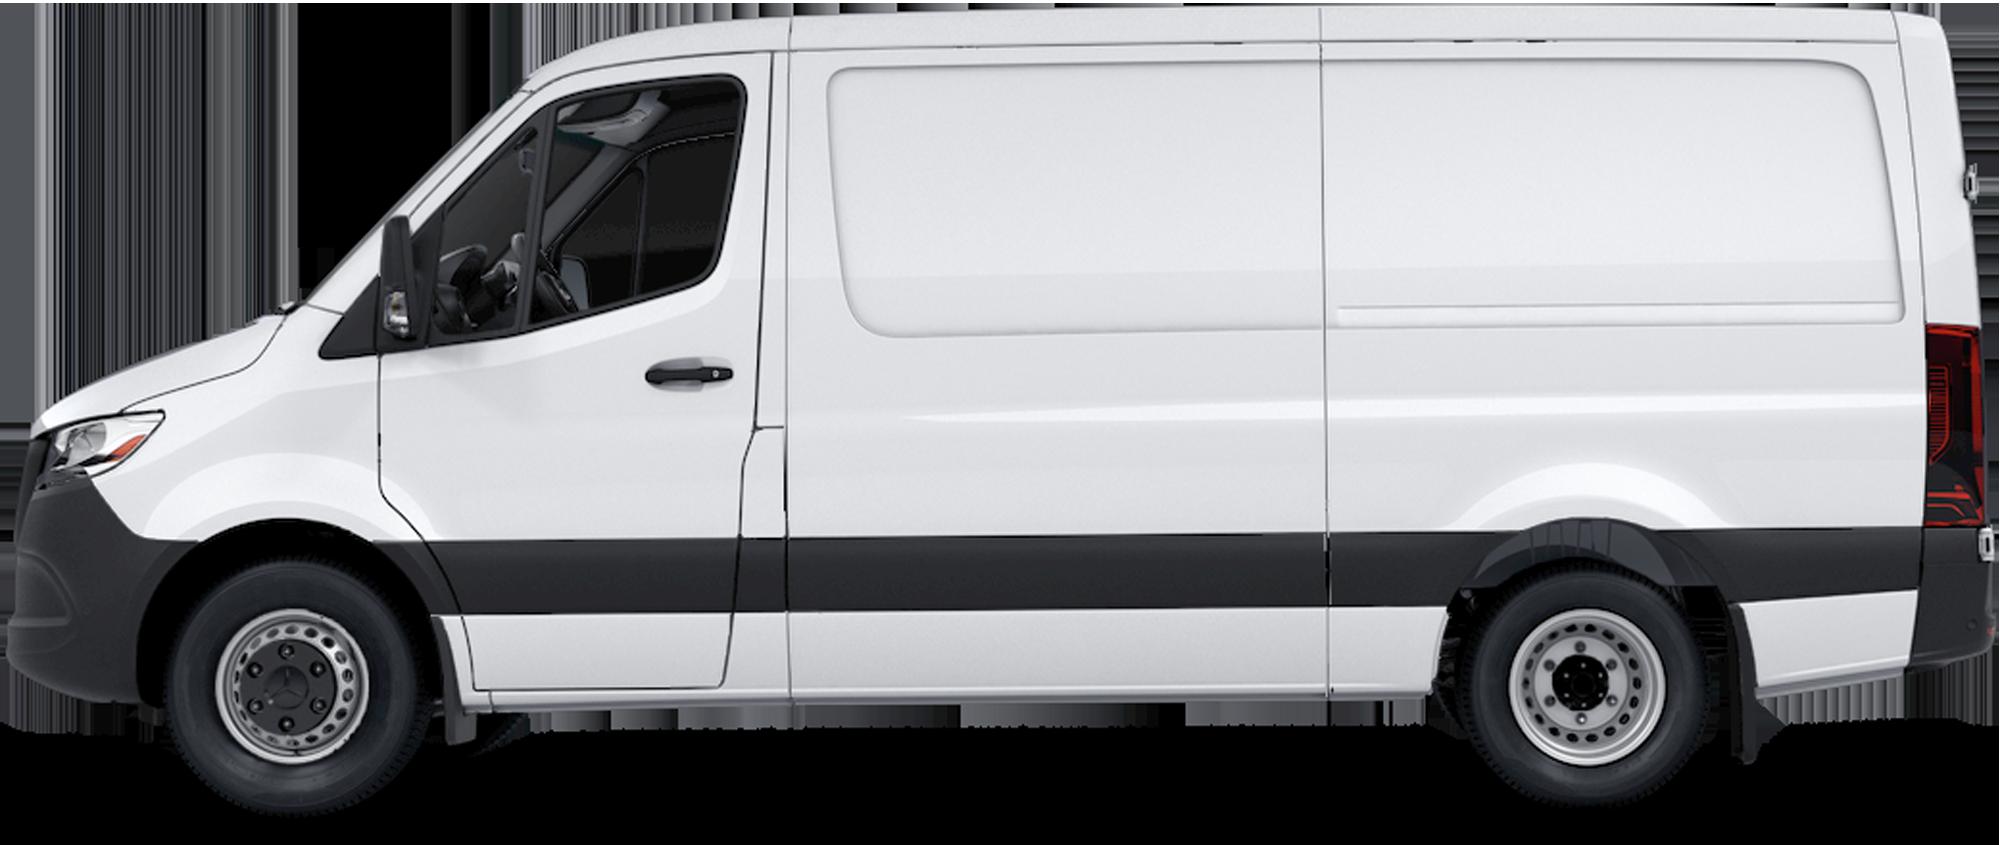 2020 Mercedes Benz Sprinter 3500xd Van Digital Showroom Mercedes Benz Of Waco